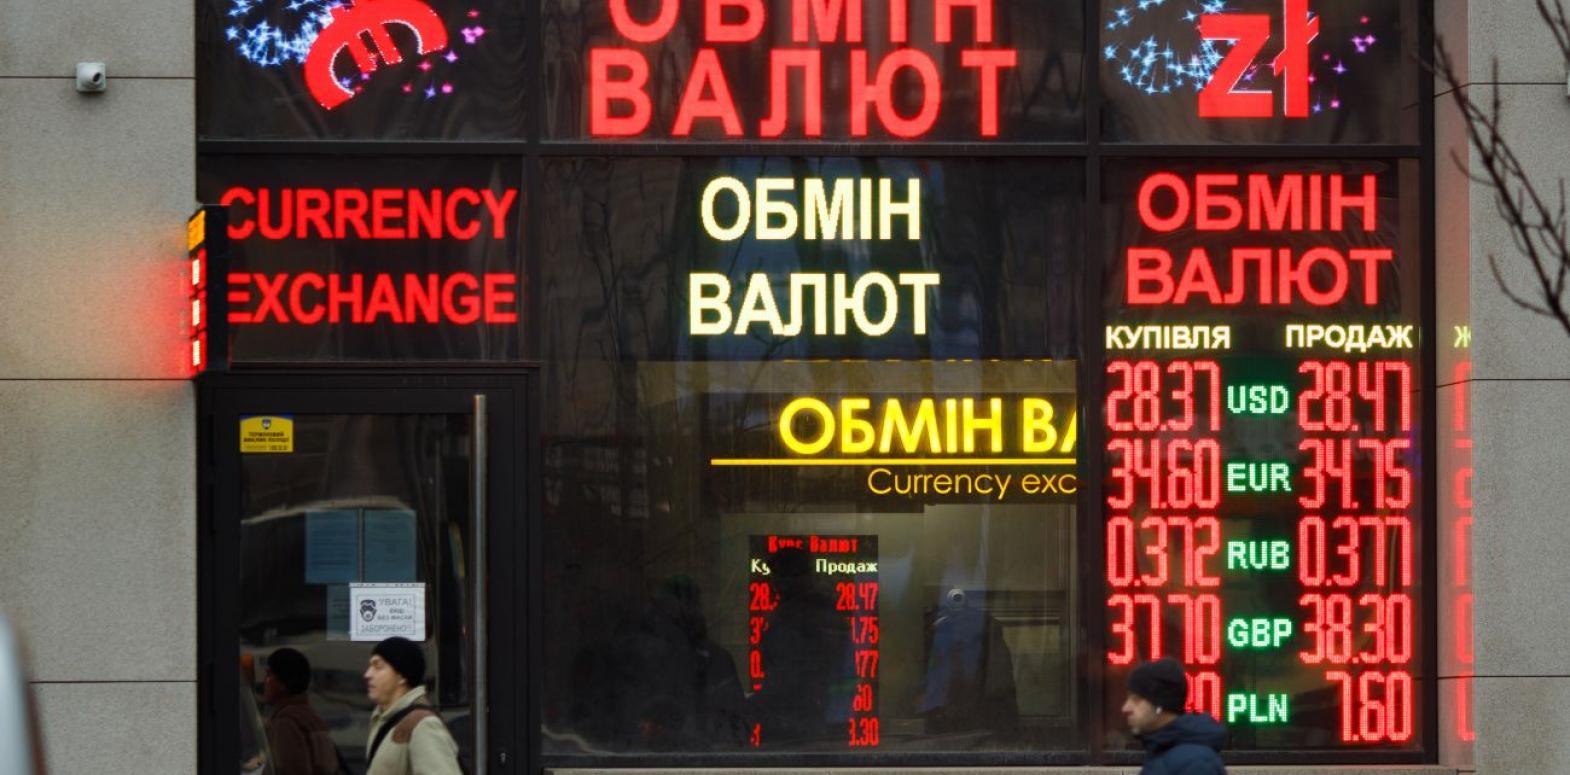 НБУ продлил валютную либерализацию: что разрешили